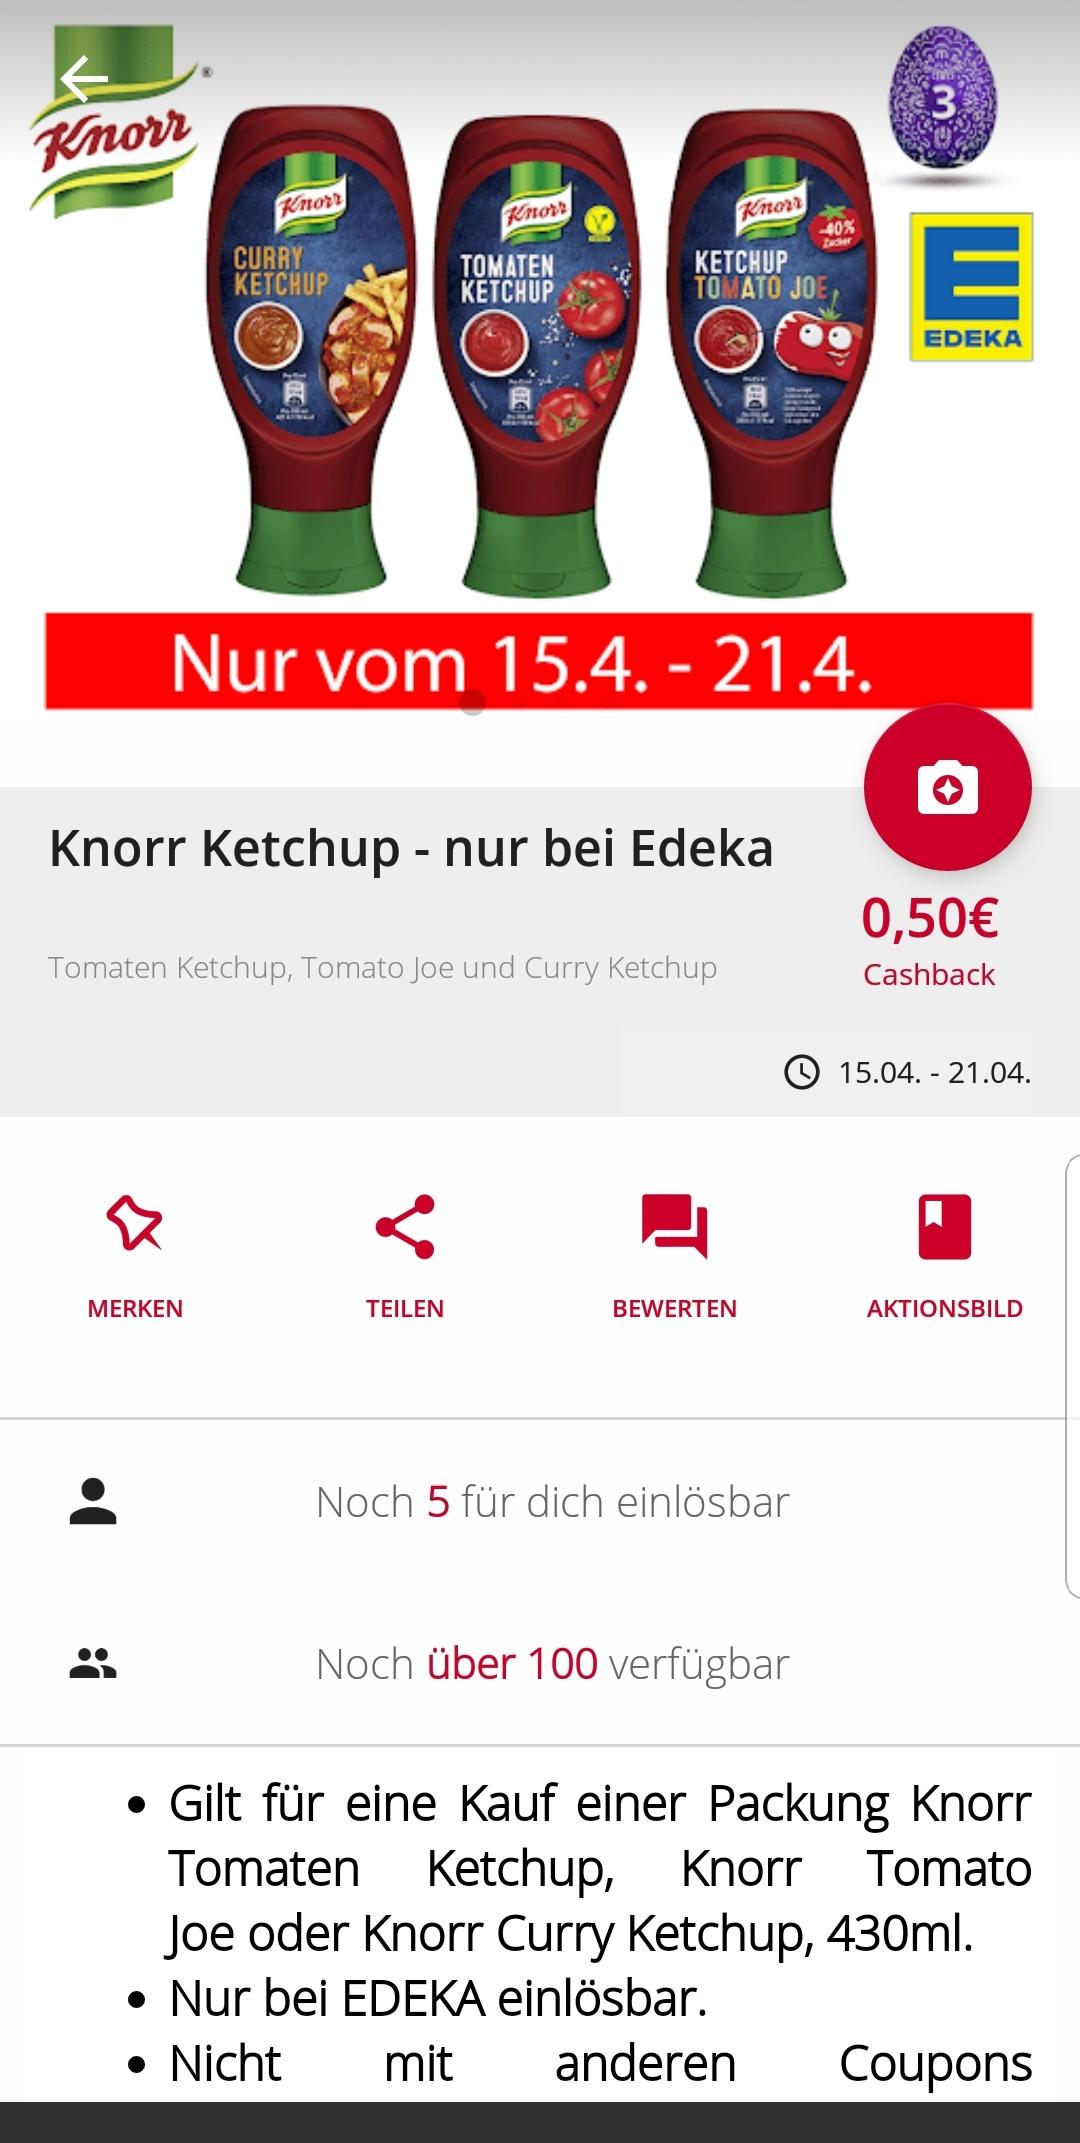 0.50 € Cashback auf Knorr Ketchup in der scondoo app